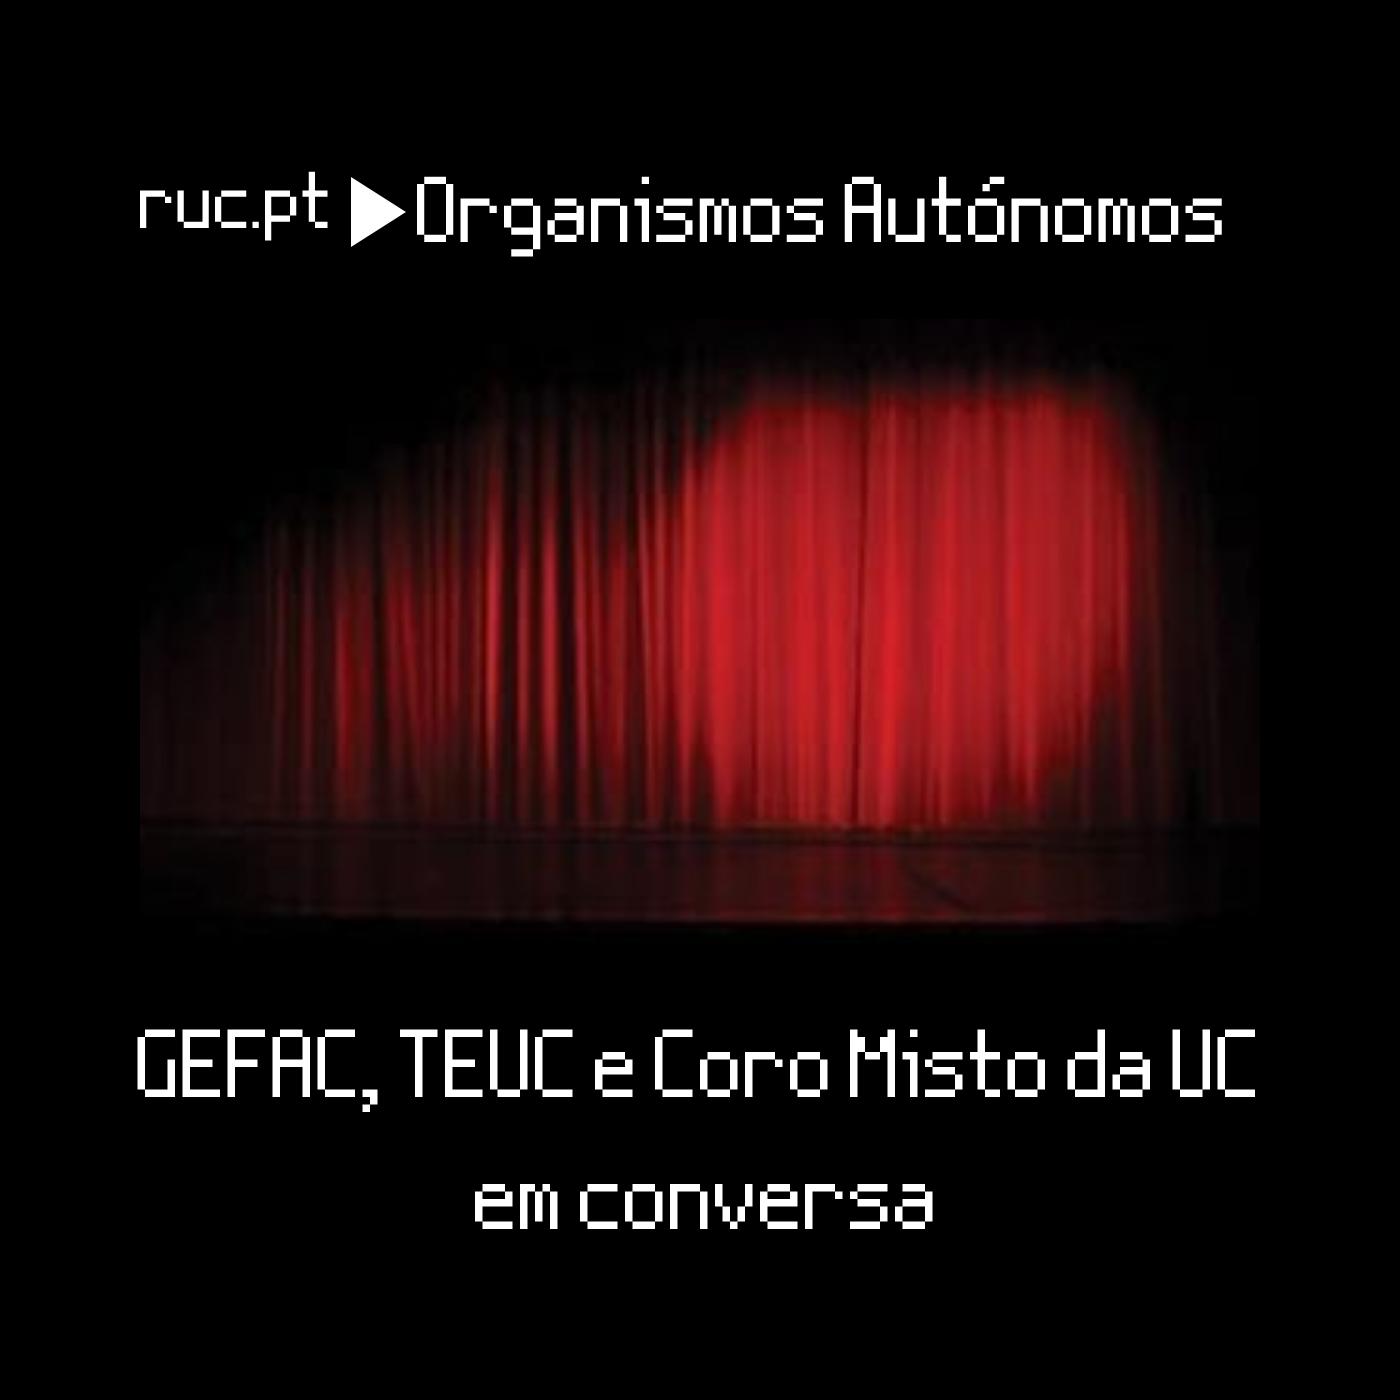 Azul e Branco Negrito e Dinâmico RapHip-hop Capa para Playlist(9)